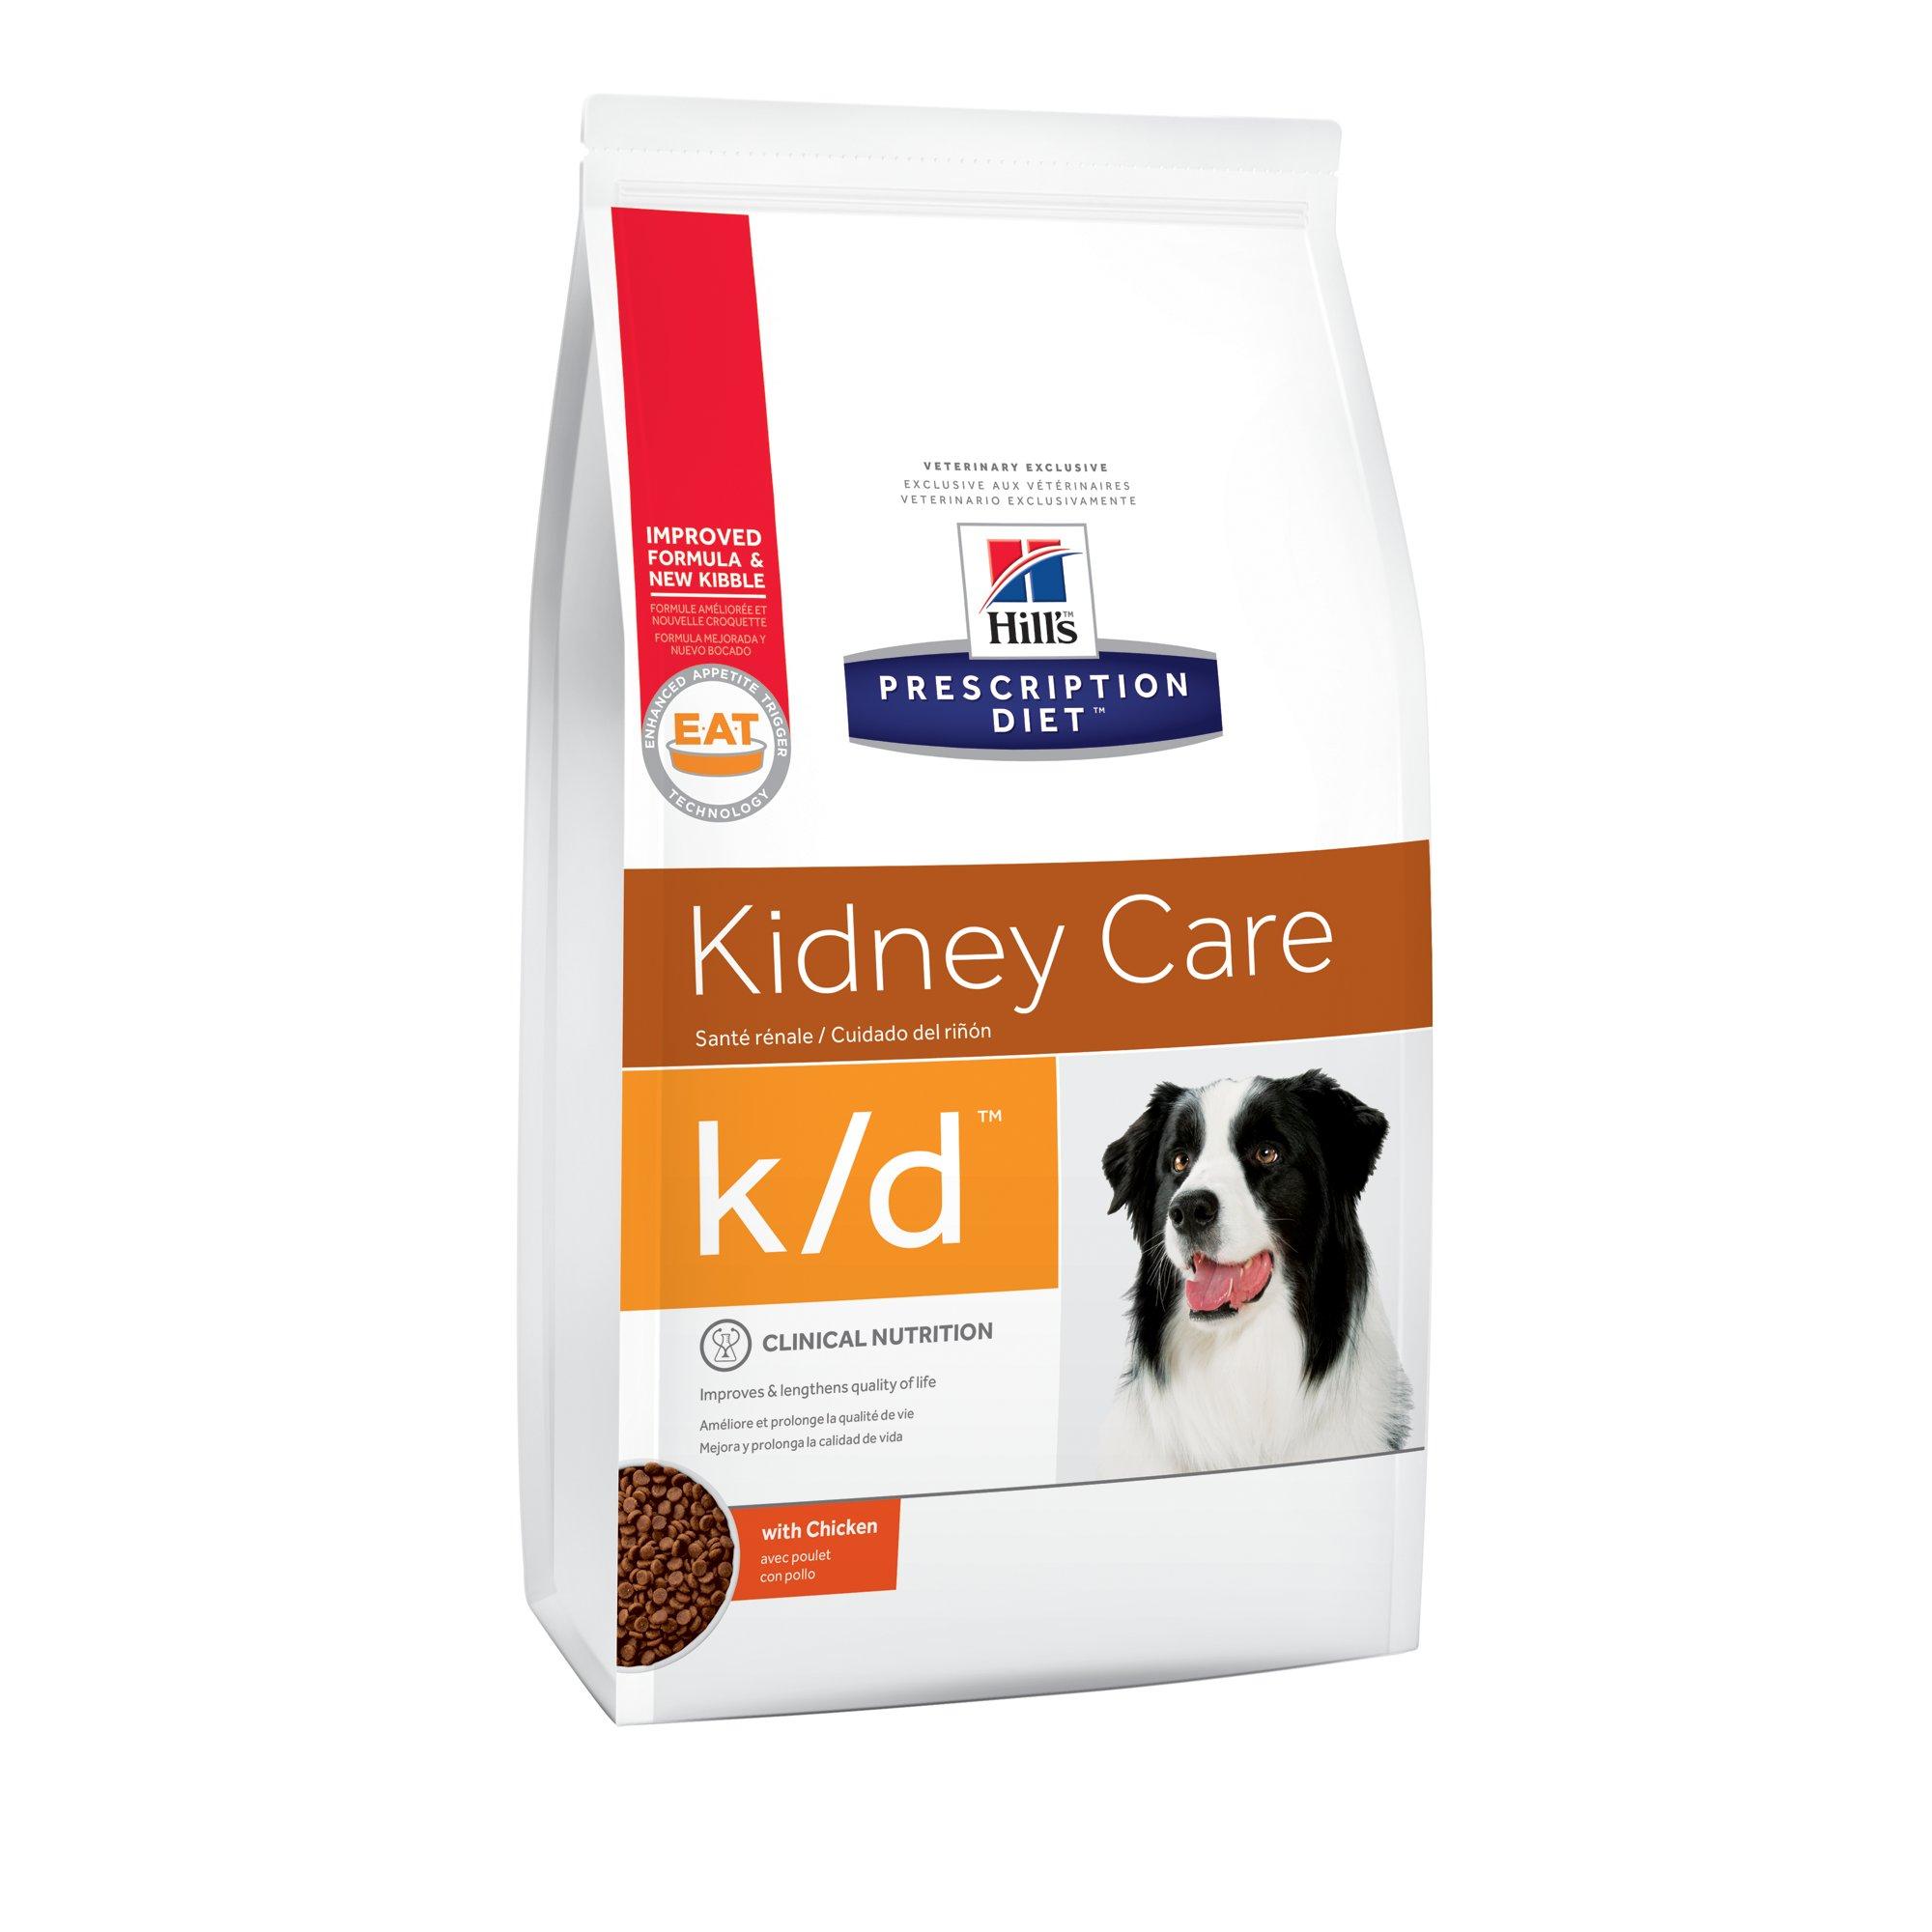 Hill's Prescription Diet K/d Kidney Care Chicken Flavor